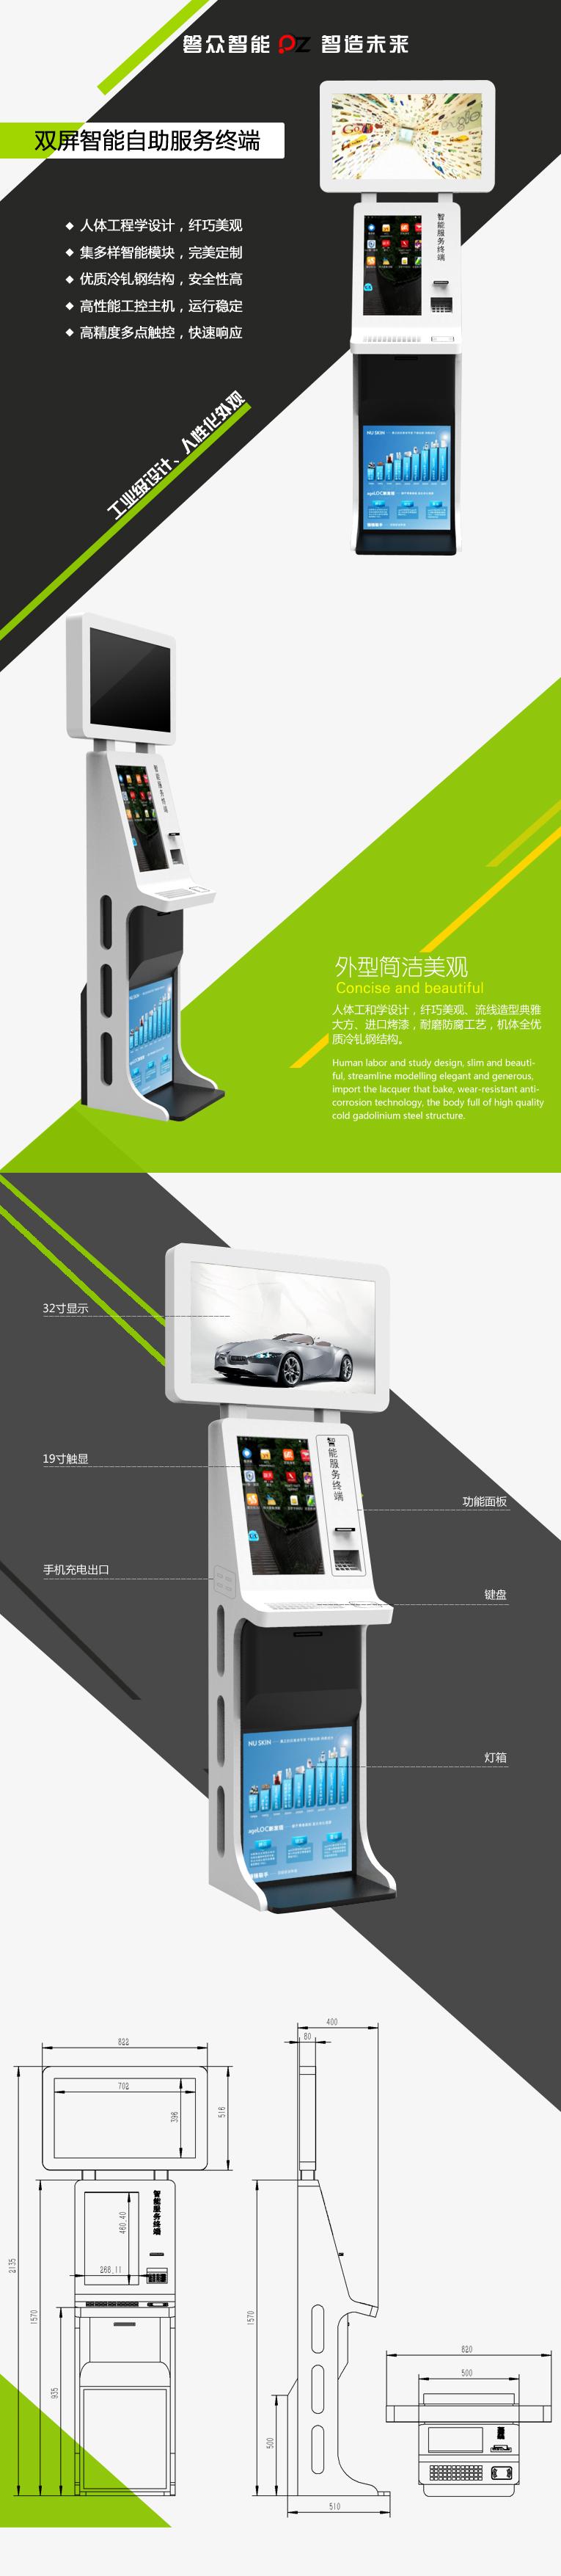 双屏智能刷卡自助服务终端/一体机/广告机-广州磐众智能科技有限公司